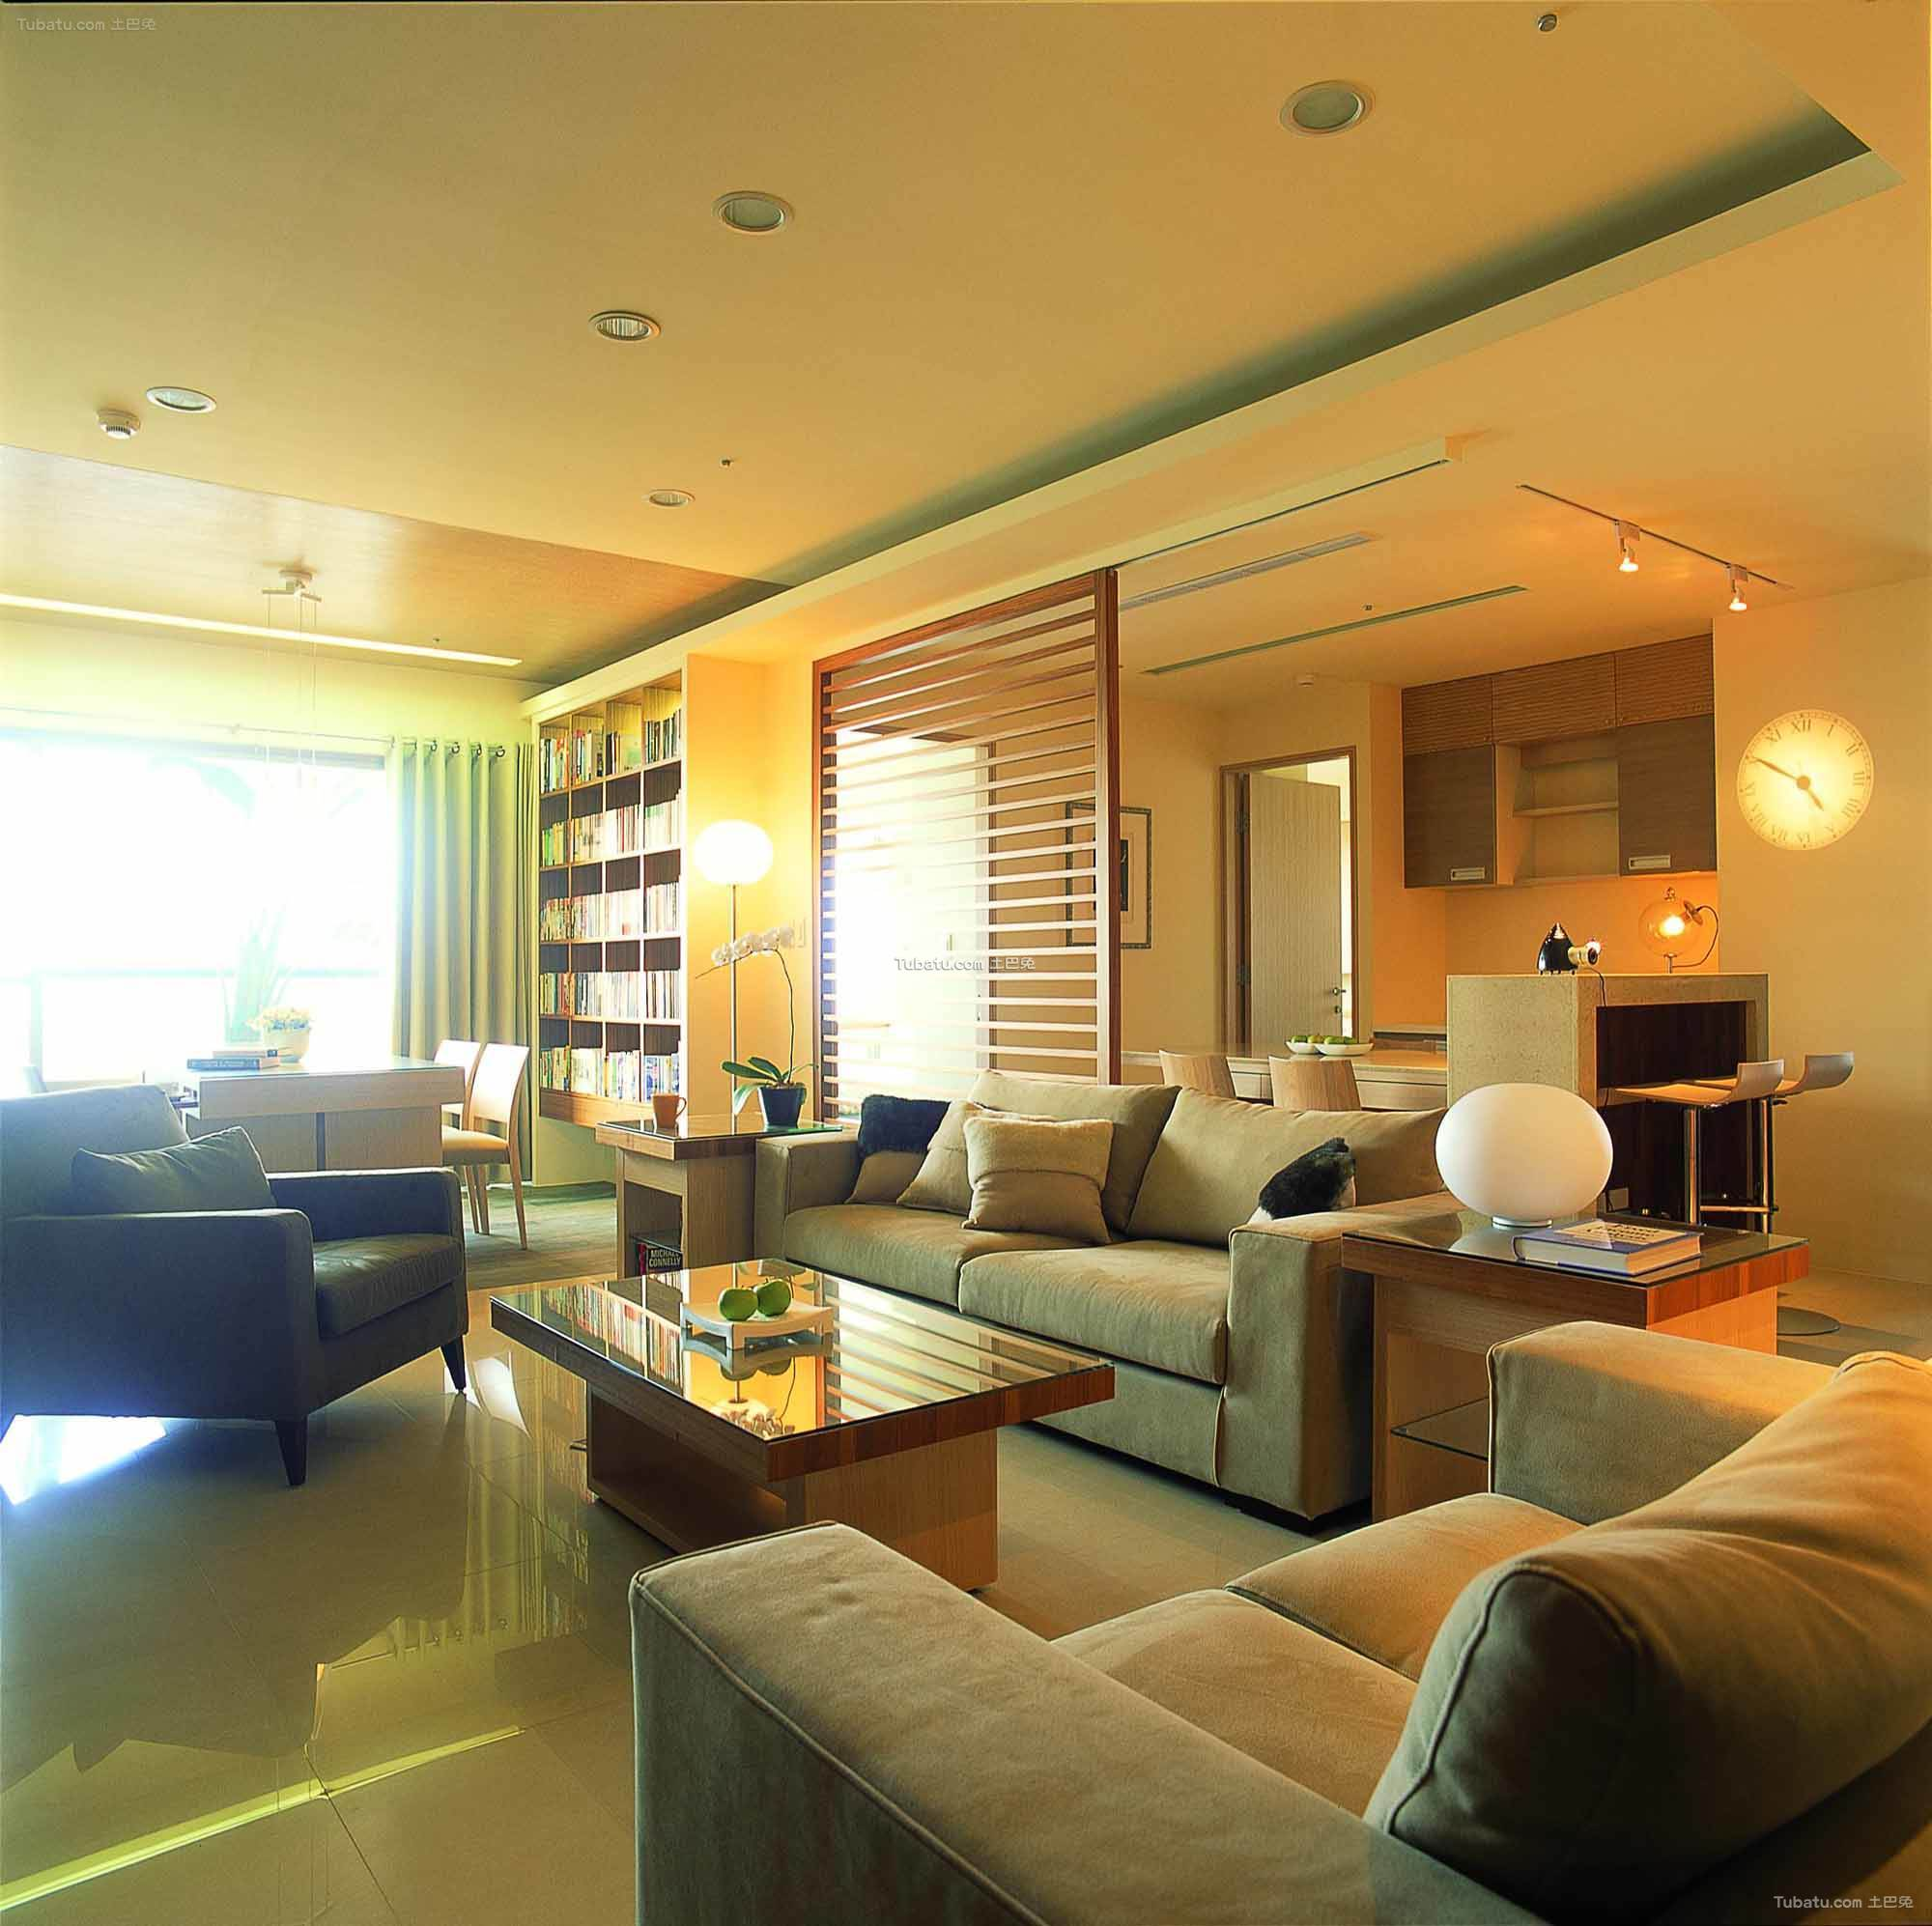 清新素雅宜家风格客厅设计